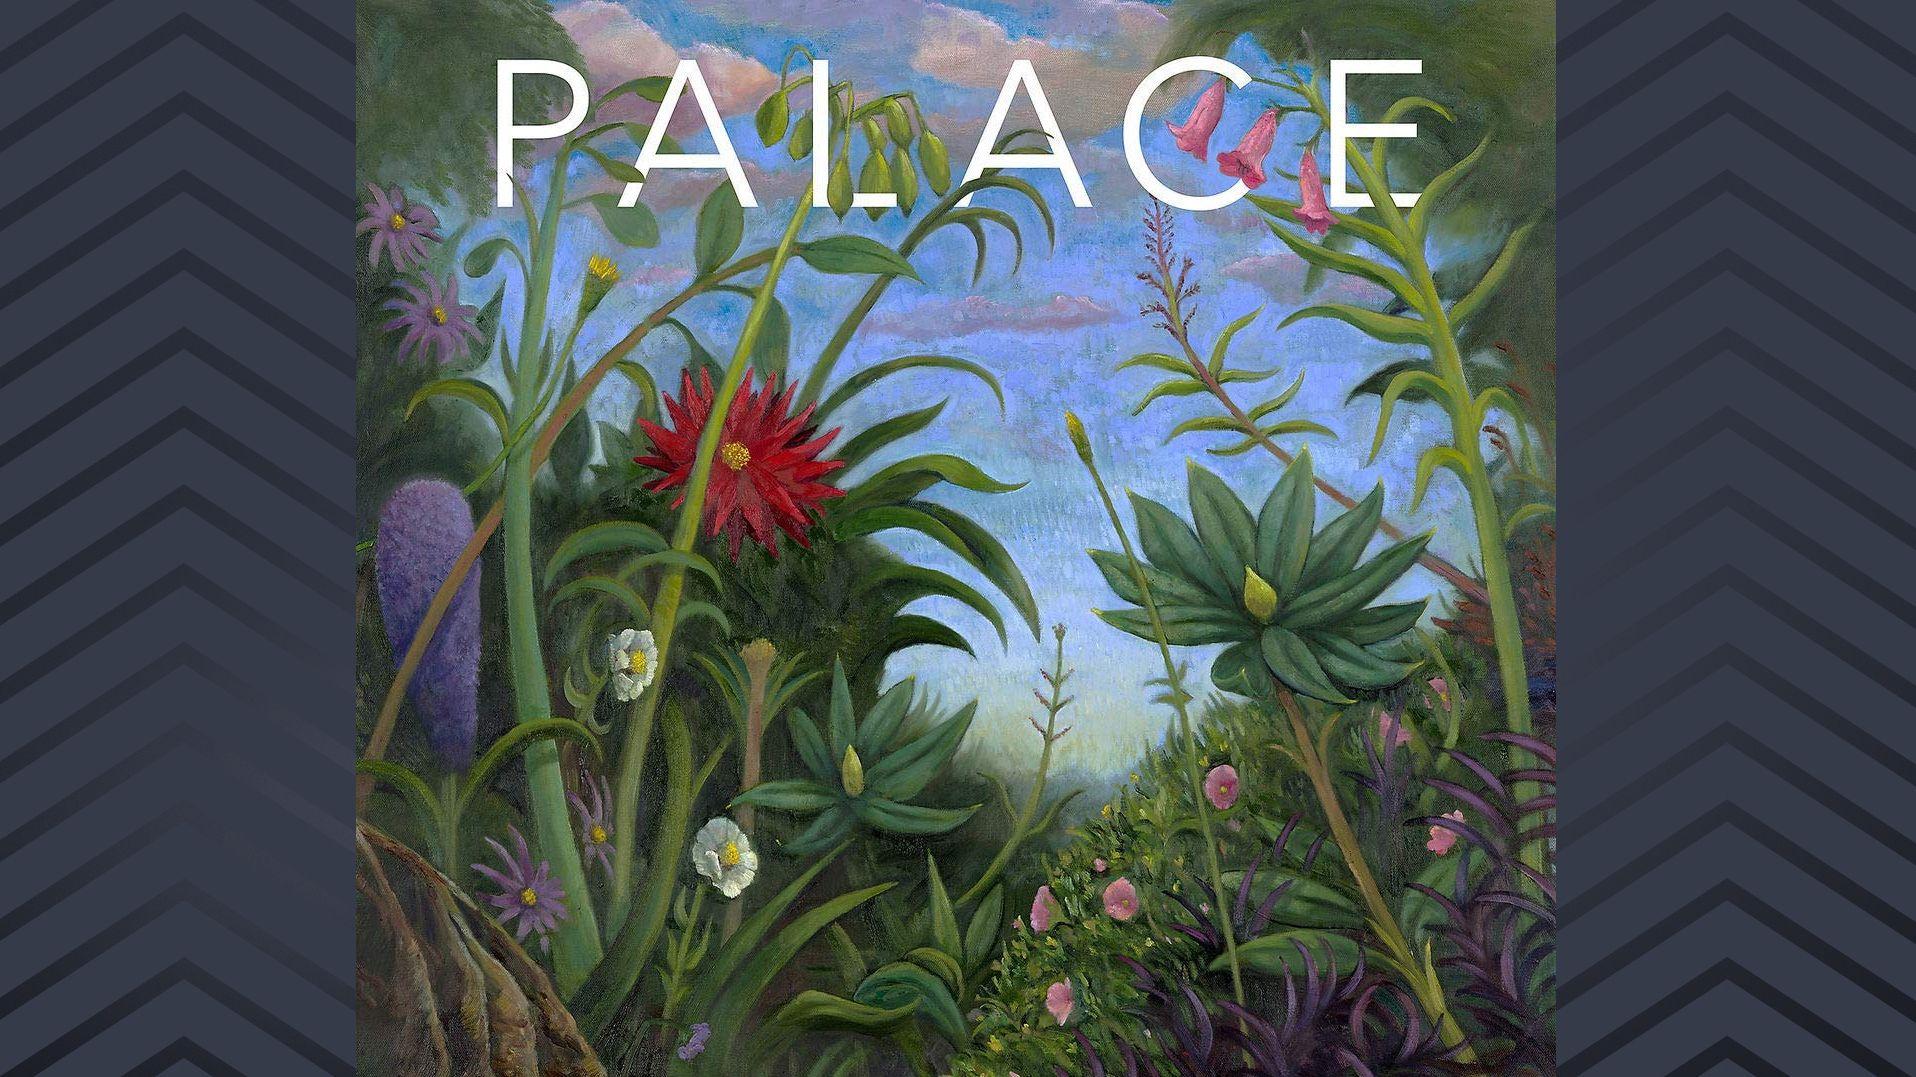 Das Cover von Life After, das zweite Album von Palace, erschienen bei Fiction Records